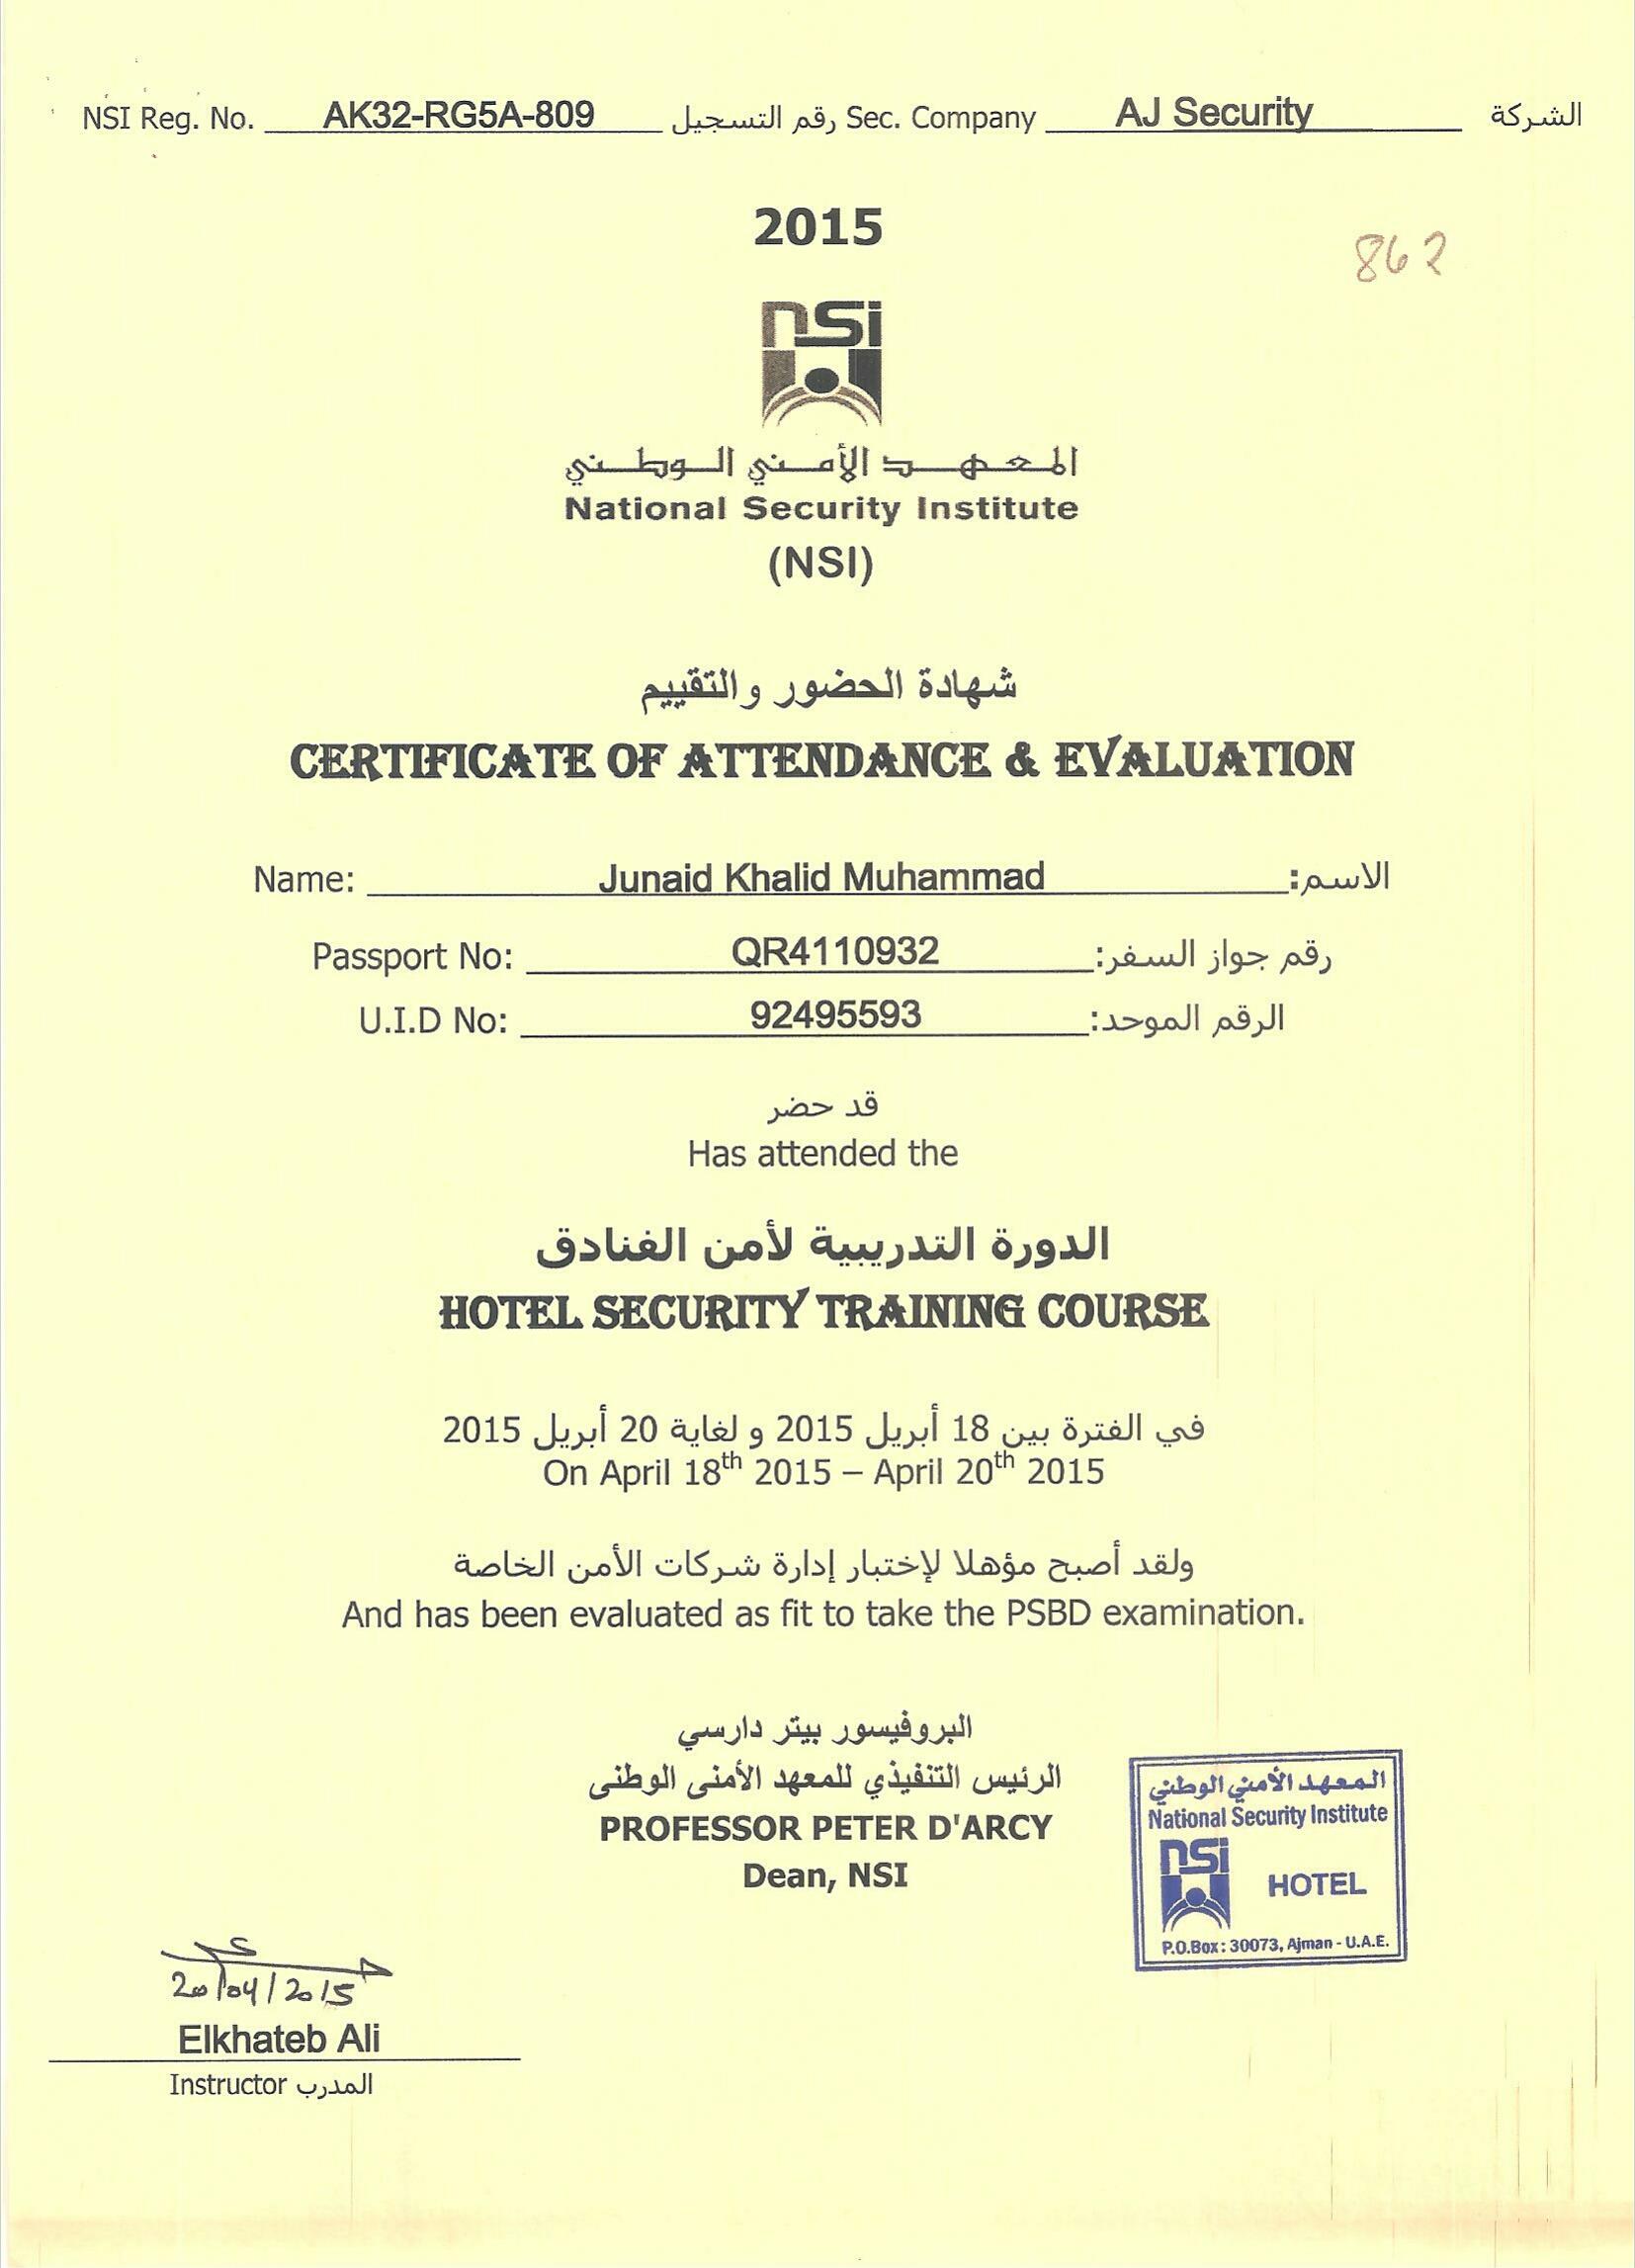 Hotel NSI Certificate-2015.jpg